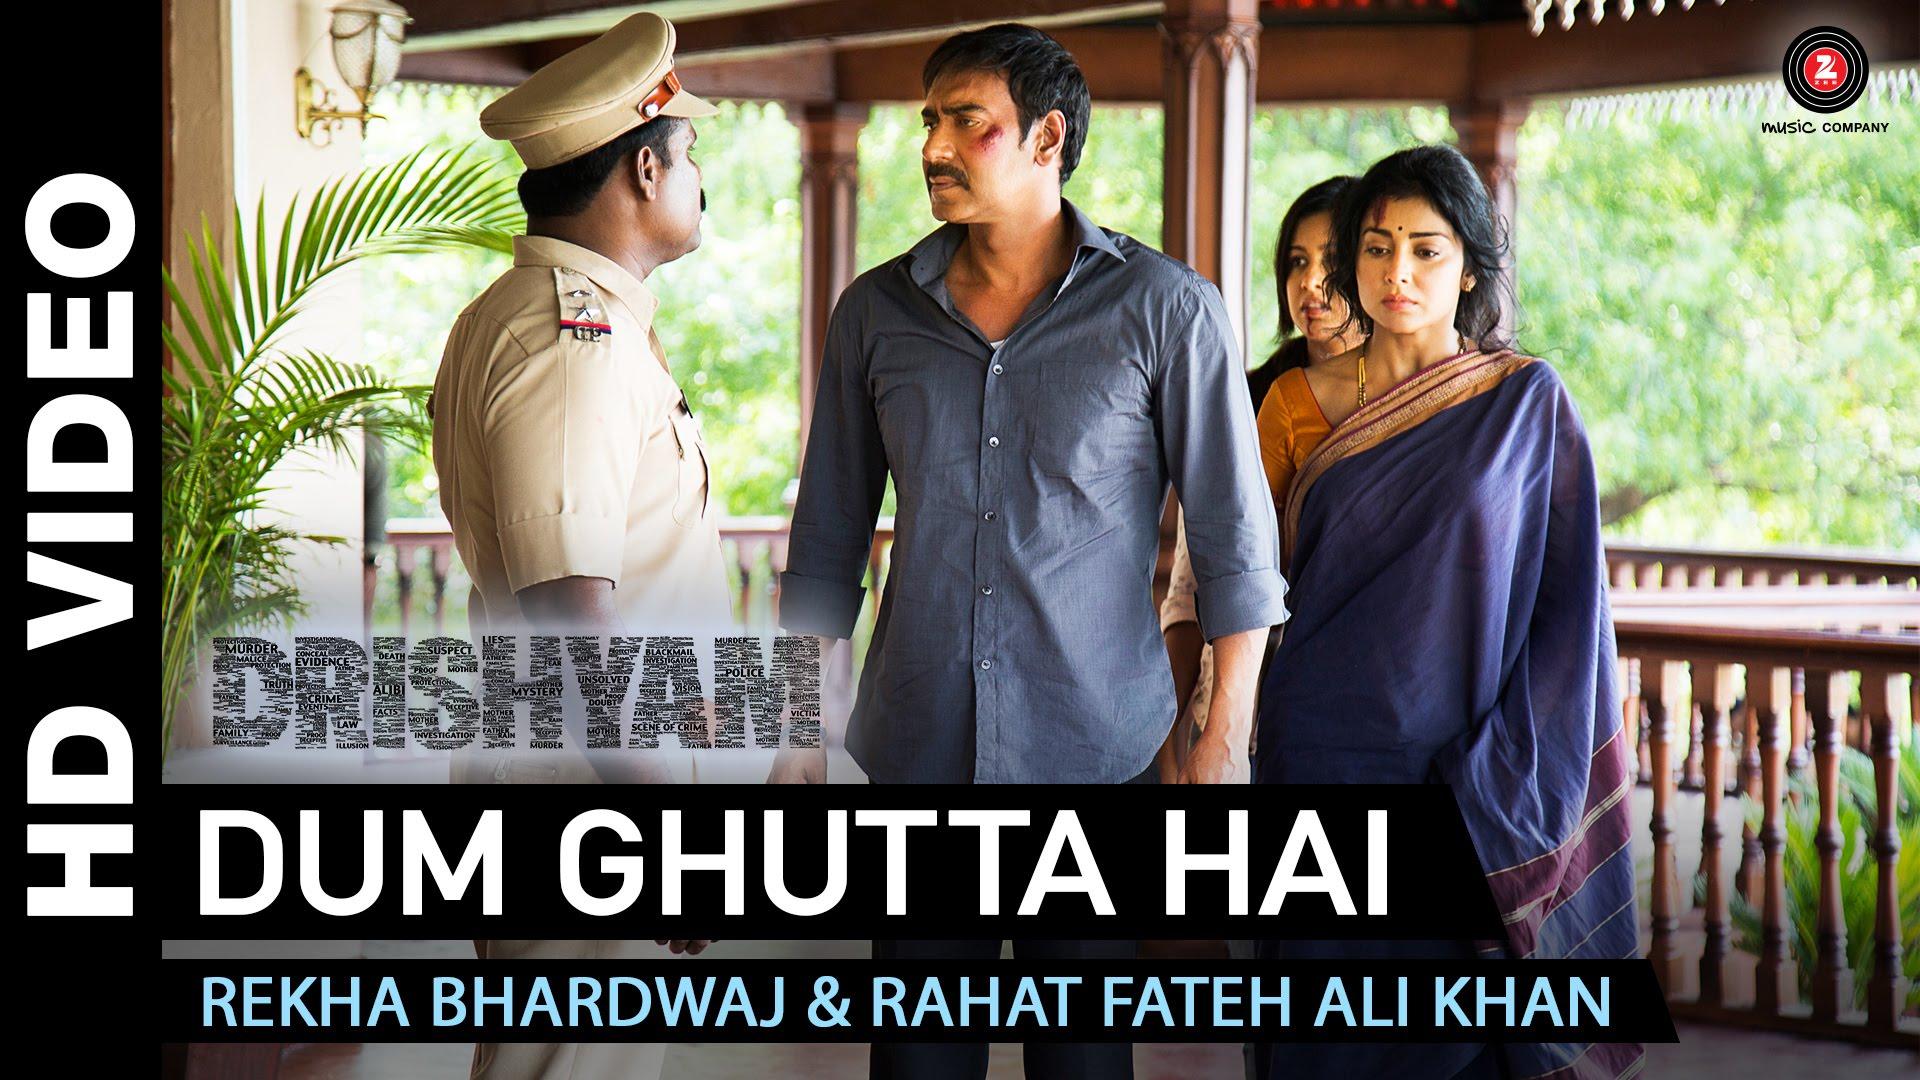 Dum Ghutta Hai Video Song – Drishyam | Official Video Song